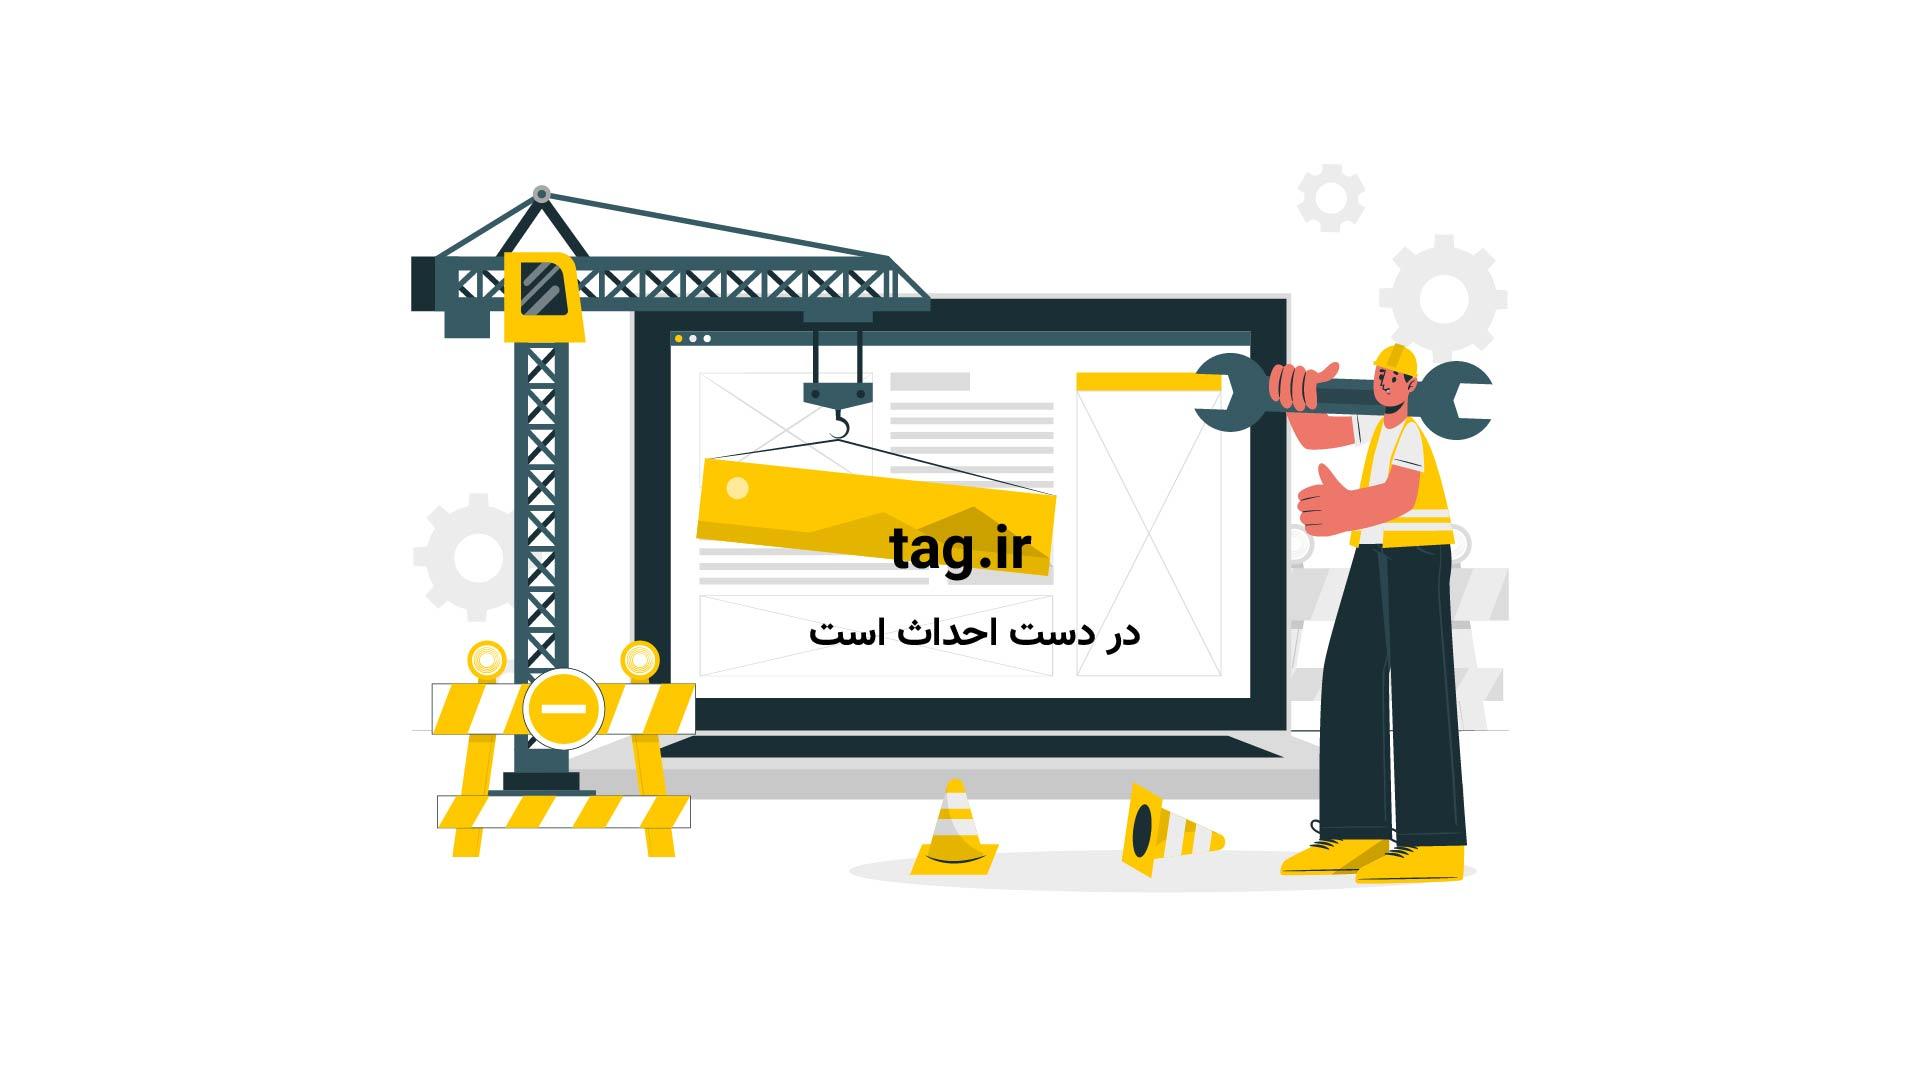 بارش باران | تگ